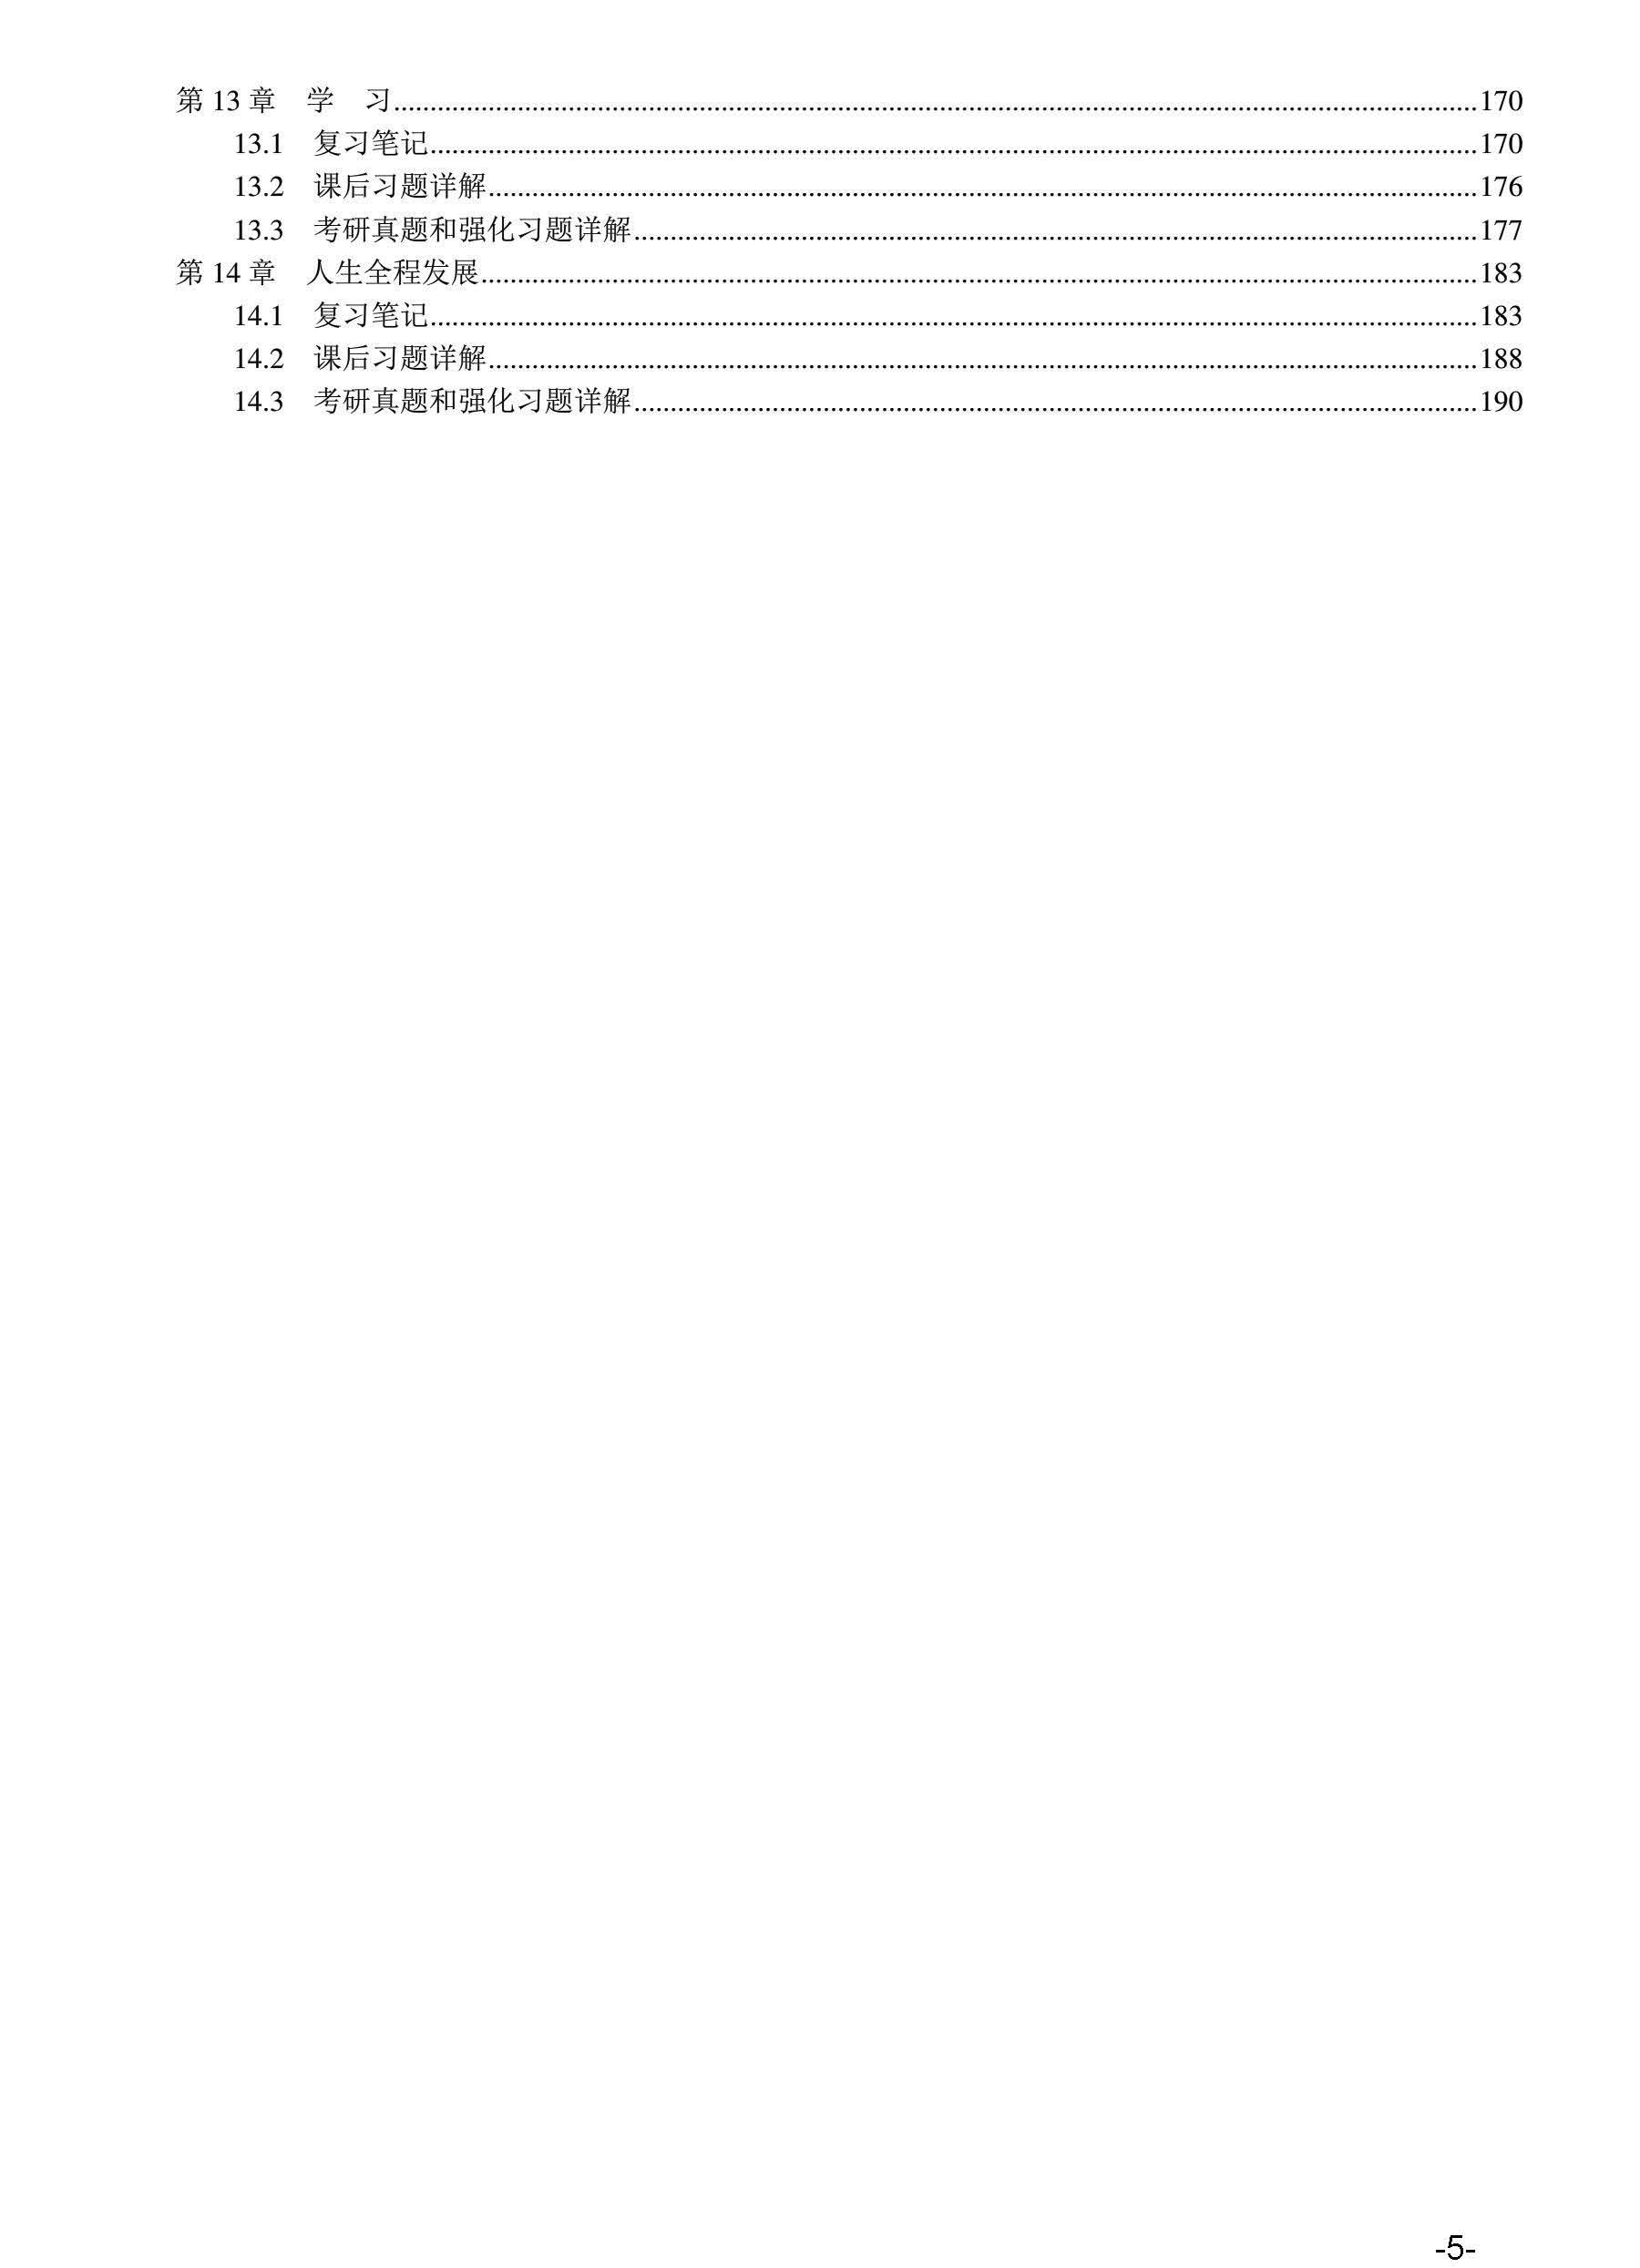 页面提取自-彭聃龄《普通心理学》(第4版)考研高分笔记和课后习题(含考研真题)精解.jpg